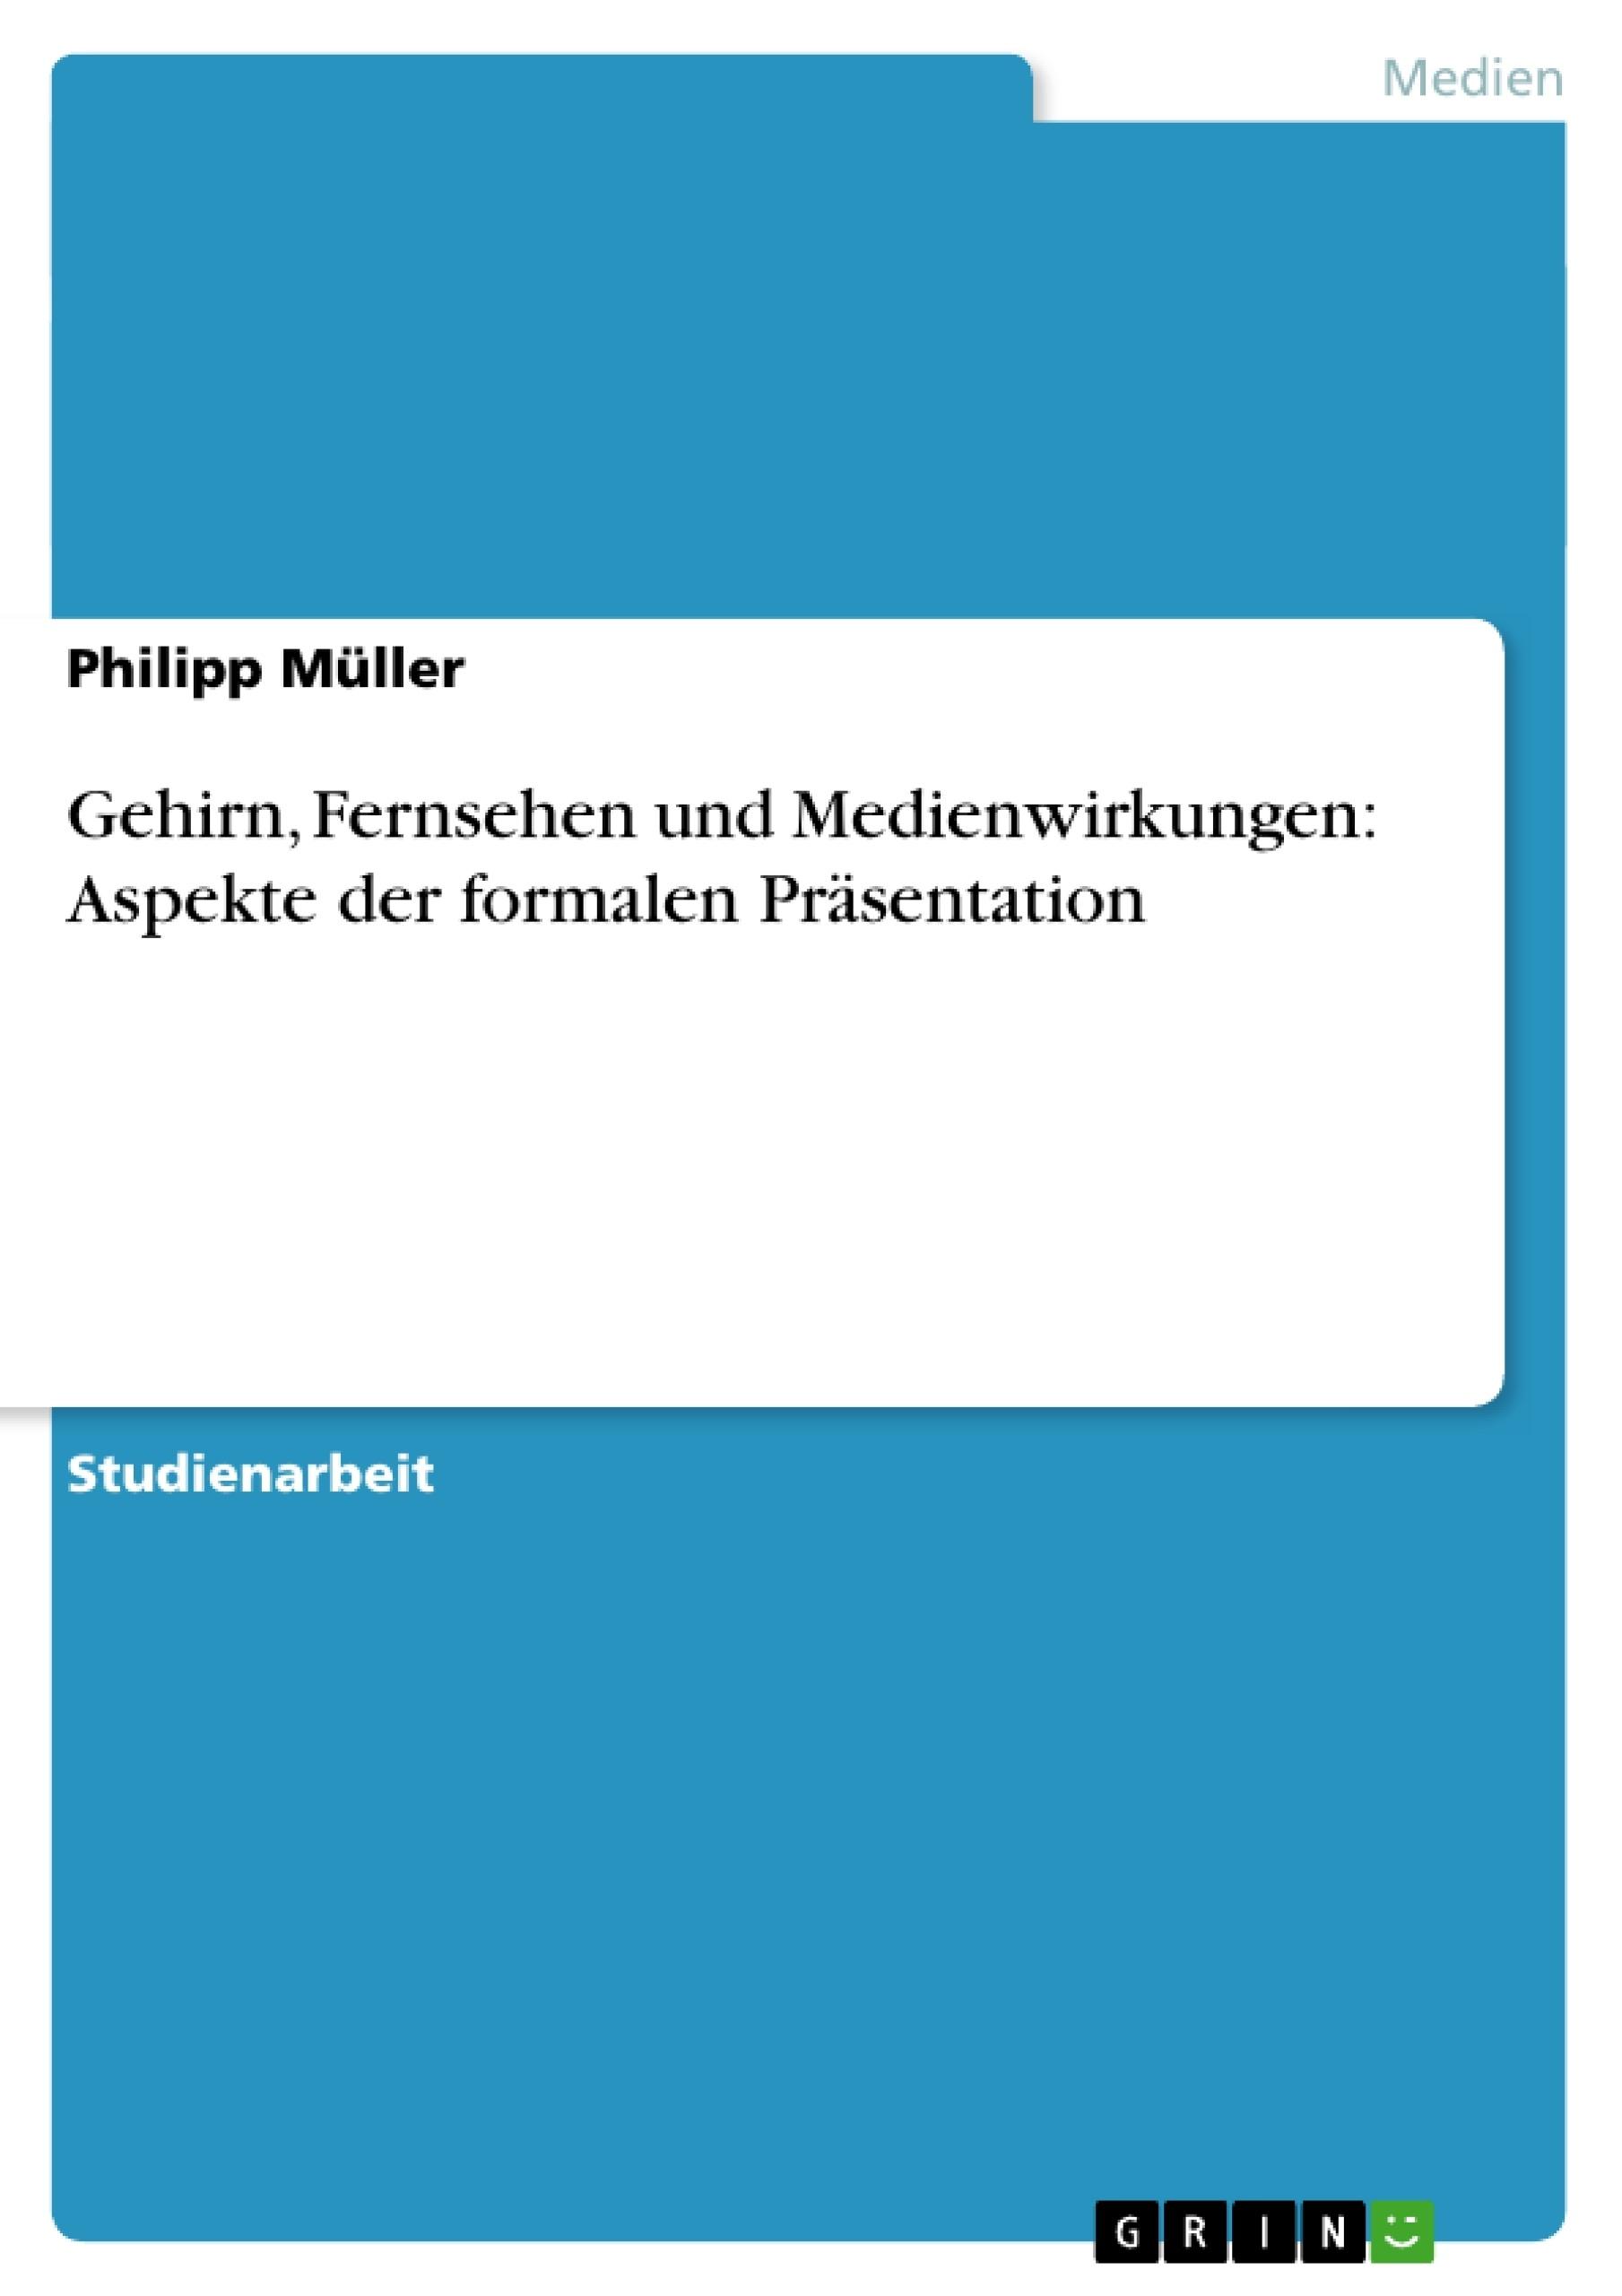 Titel: Gehirn, Fernsehen und Medienwirkungen: Aspekte der formalen Präsentation